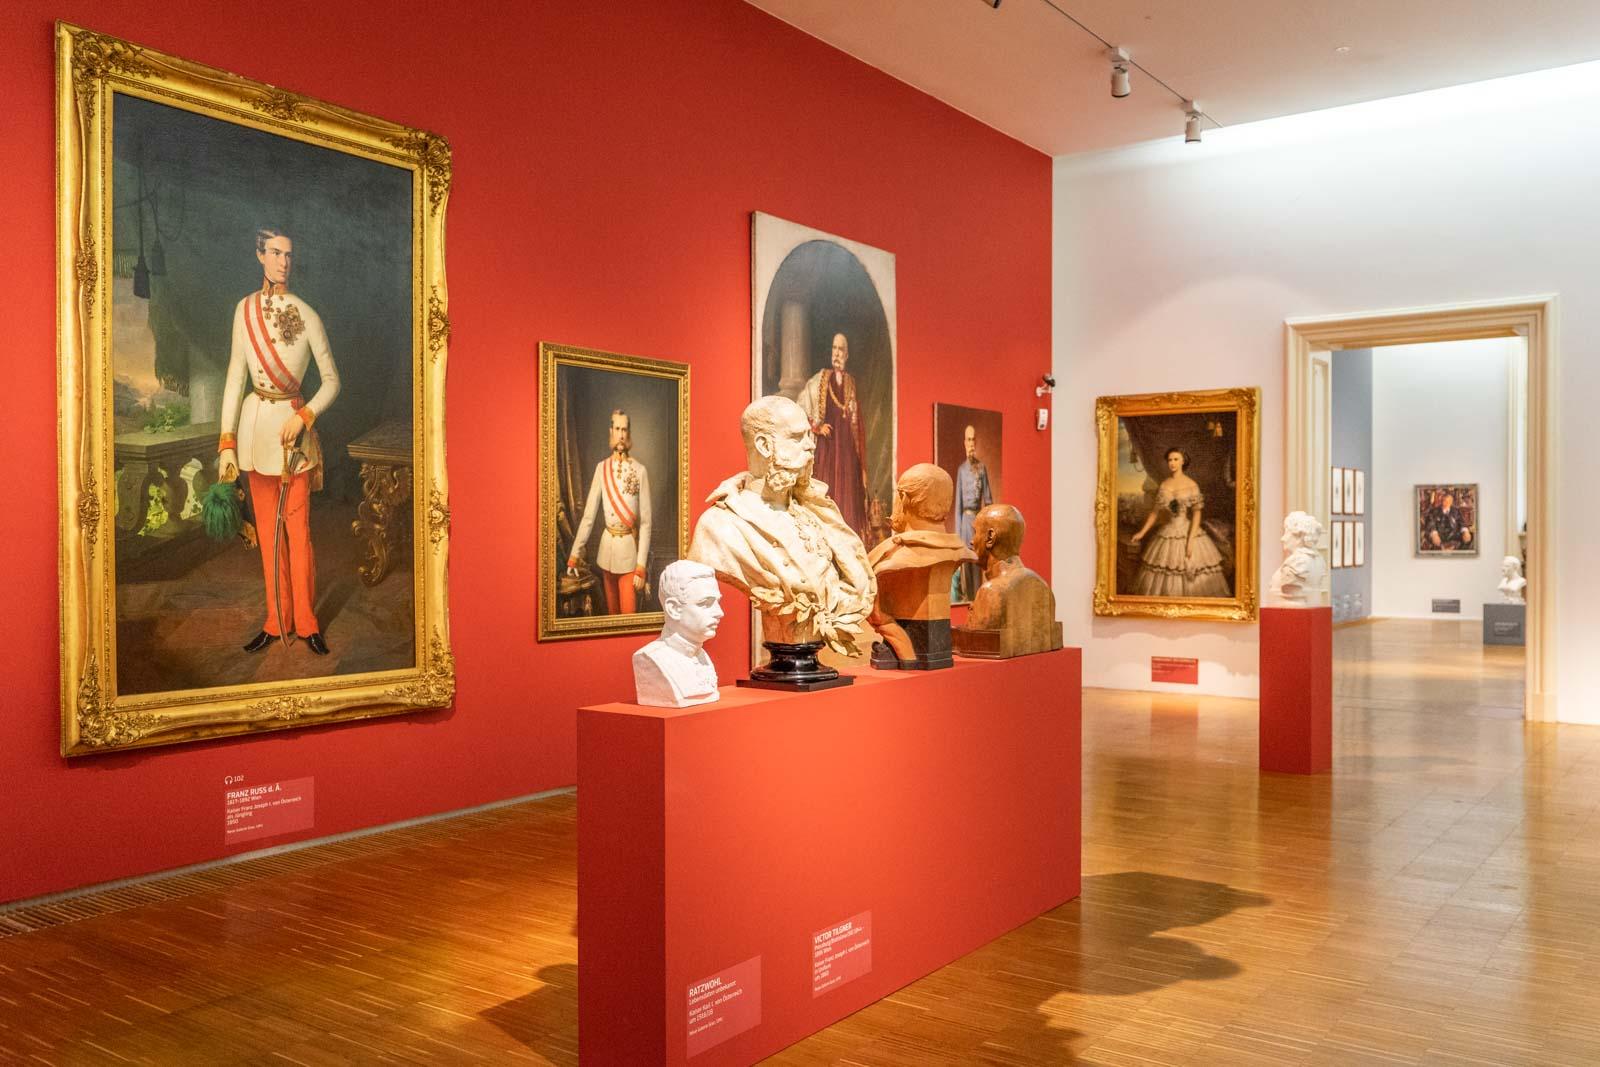 Neue Galerie Graz, Austria